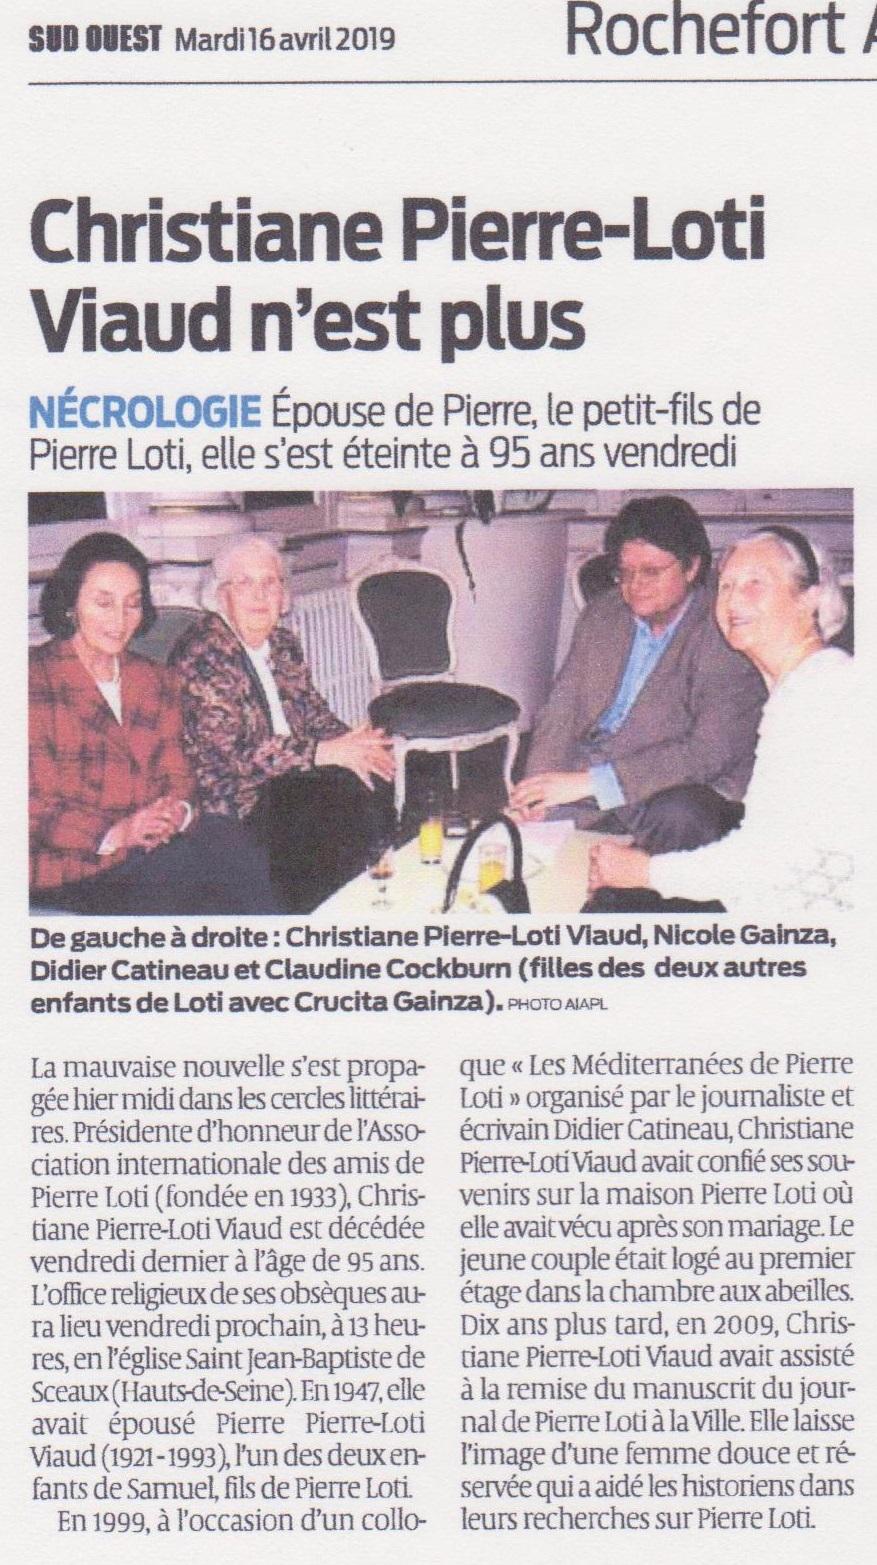 Christiane Pierre Loti Viaud